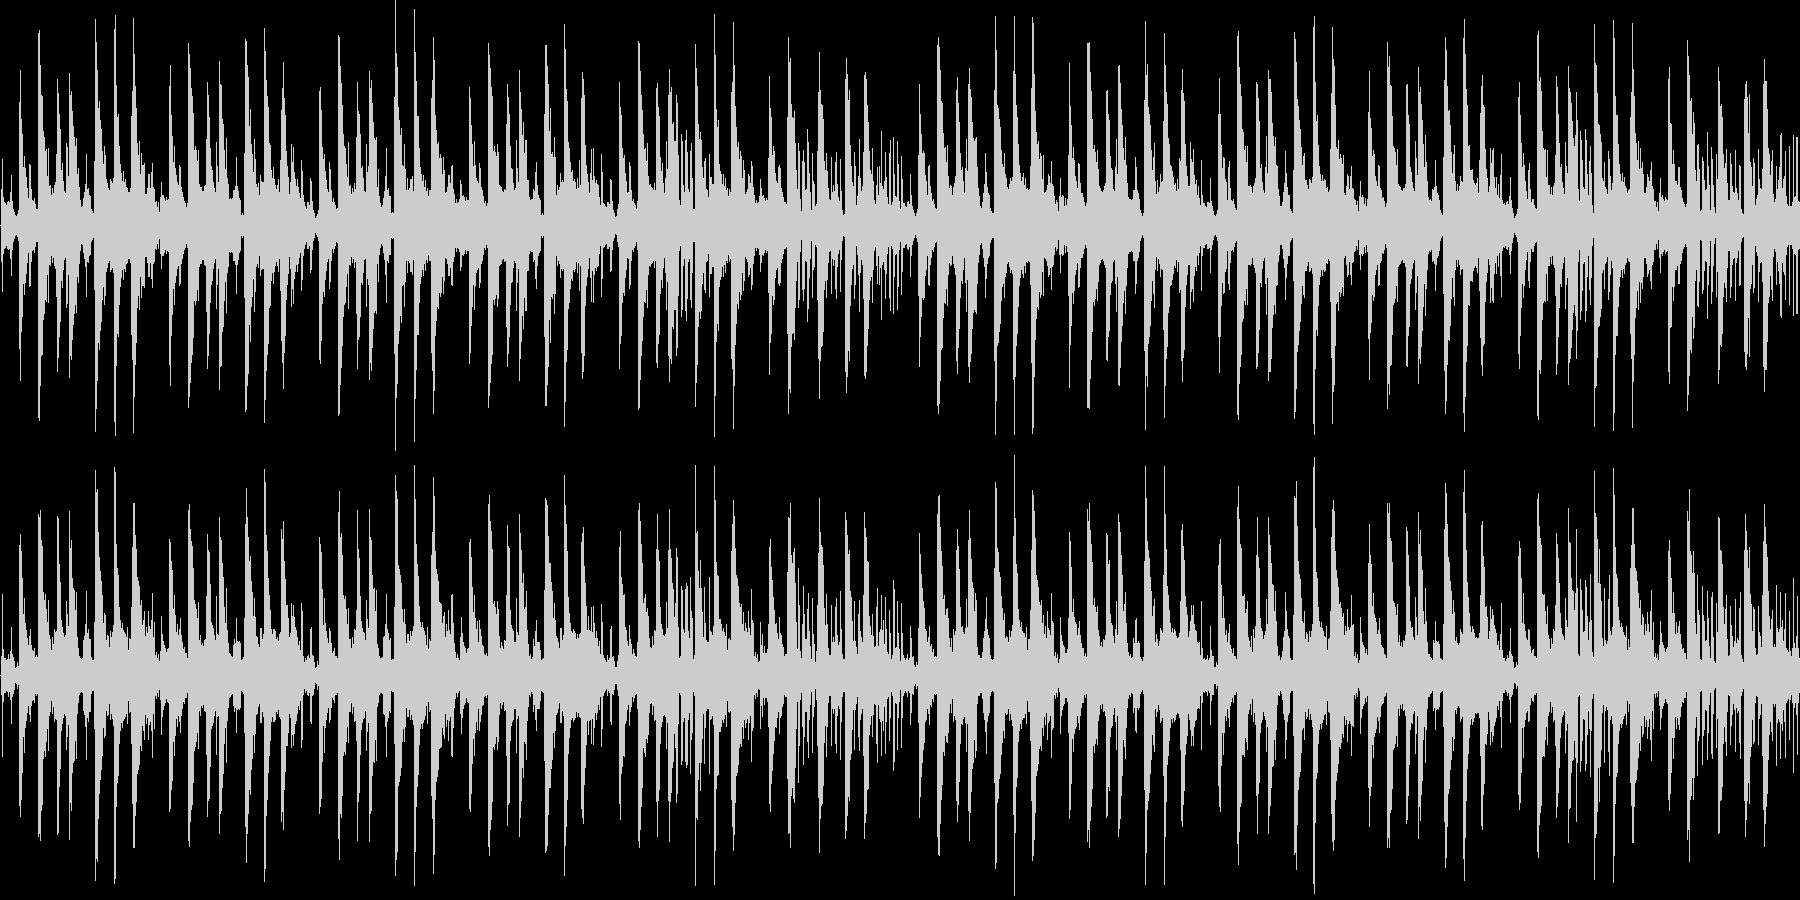 【エレクトロニカ/シンセポップ/EDM】の未再生の波形